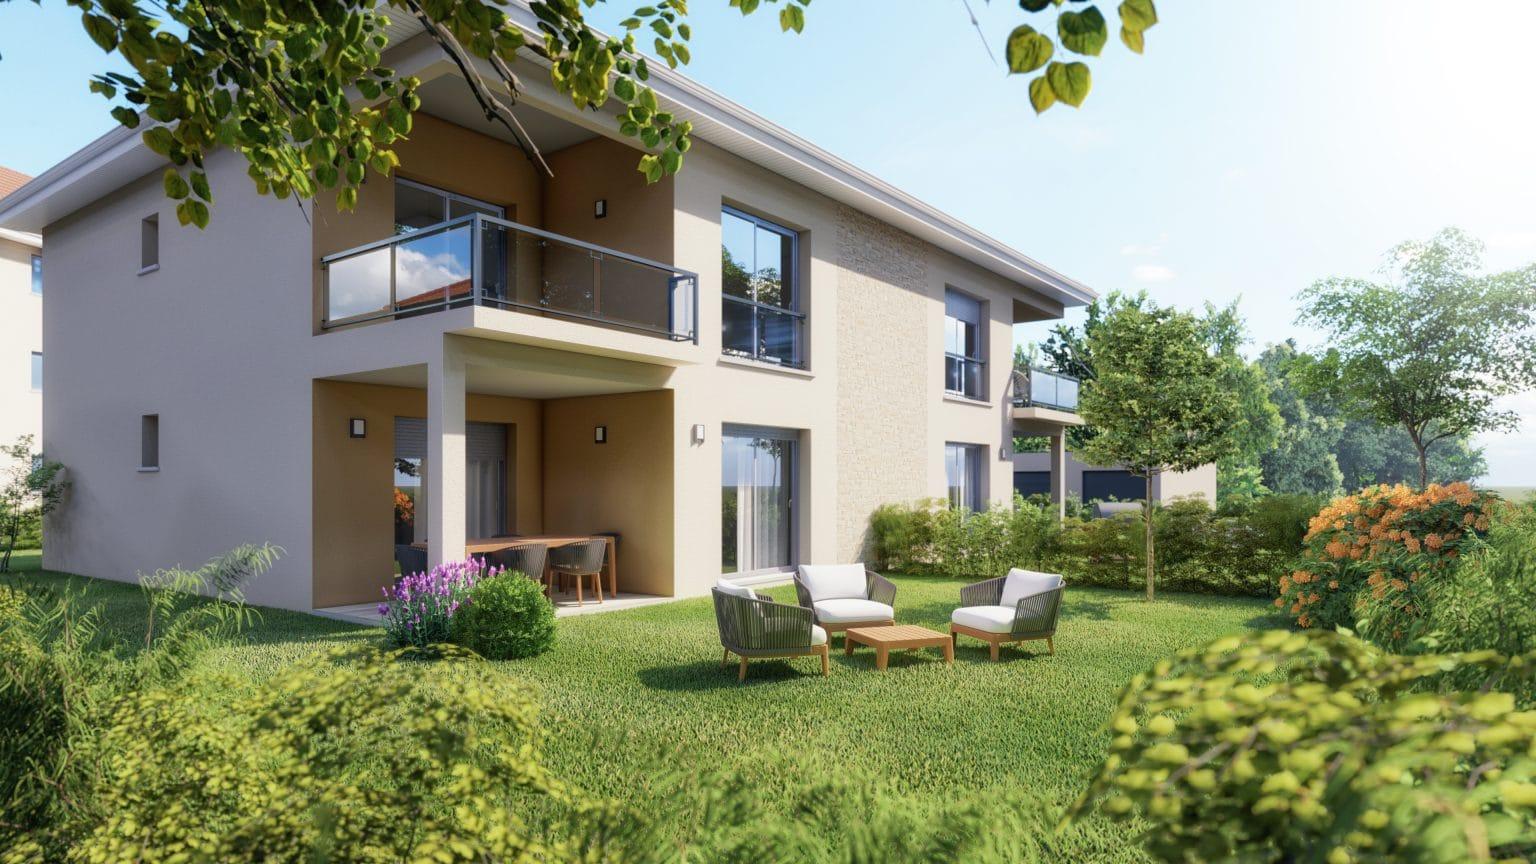 Terrinvest - Aménagement immobilier